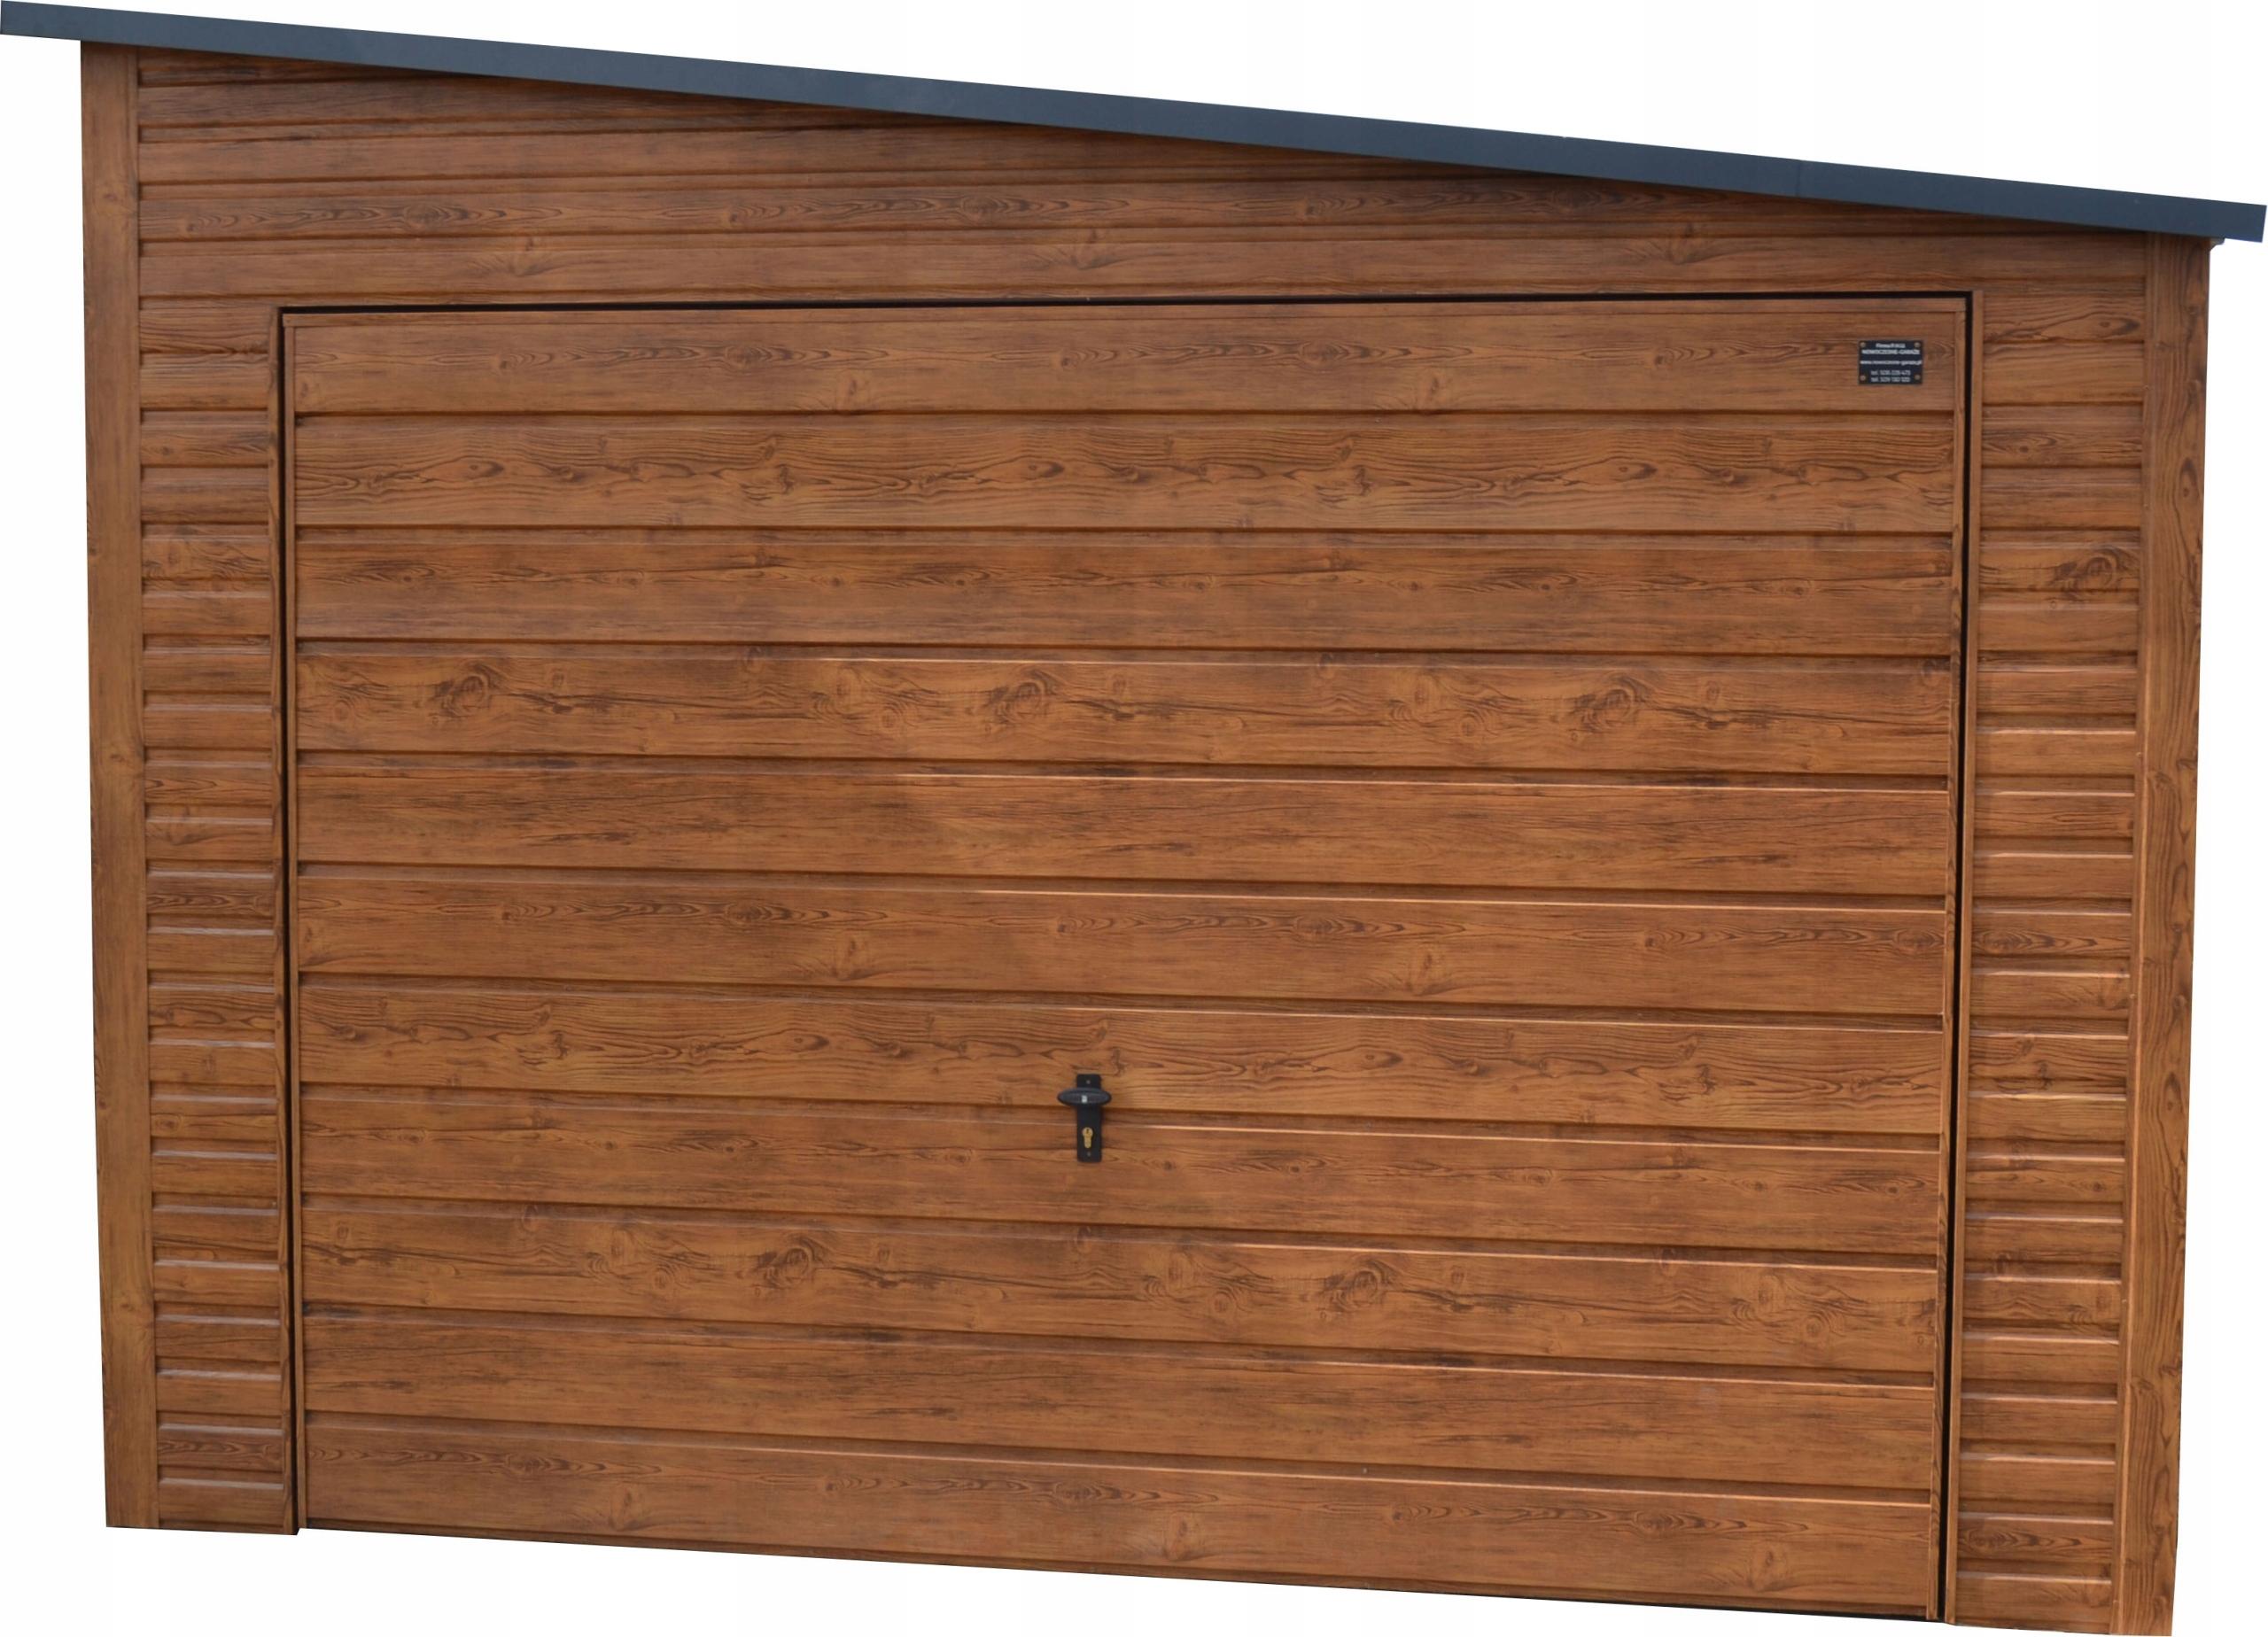 Garaże Blaszane Garaż Blaszany Akryl 7527247131 Oficjalne